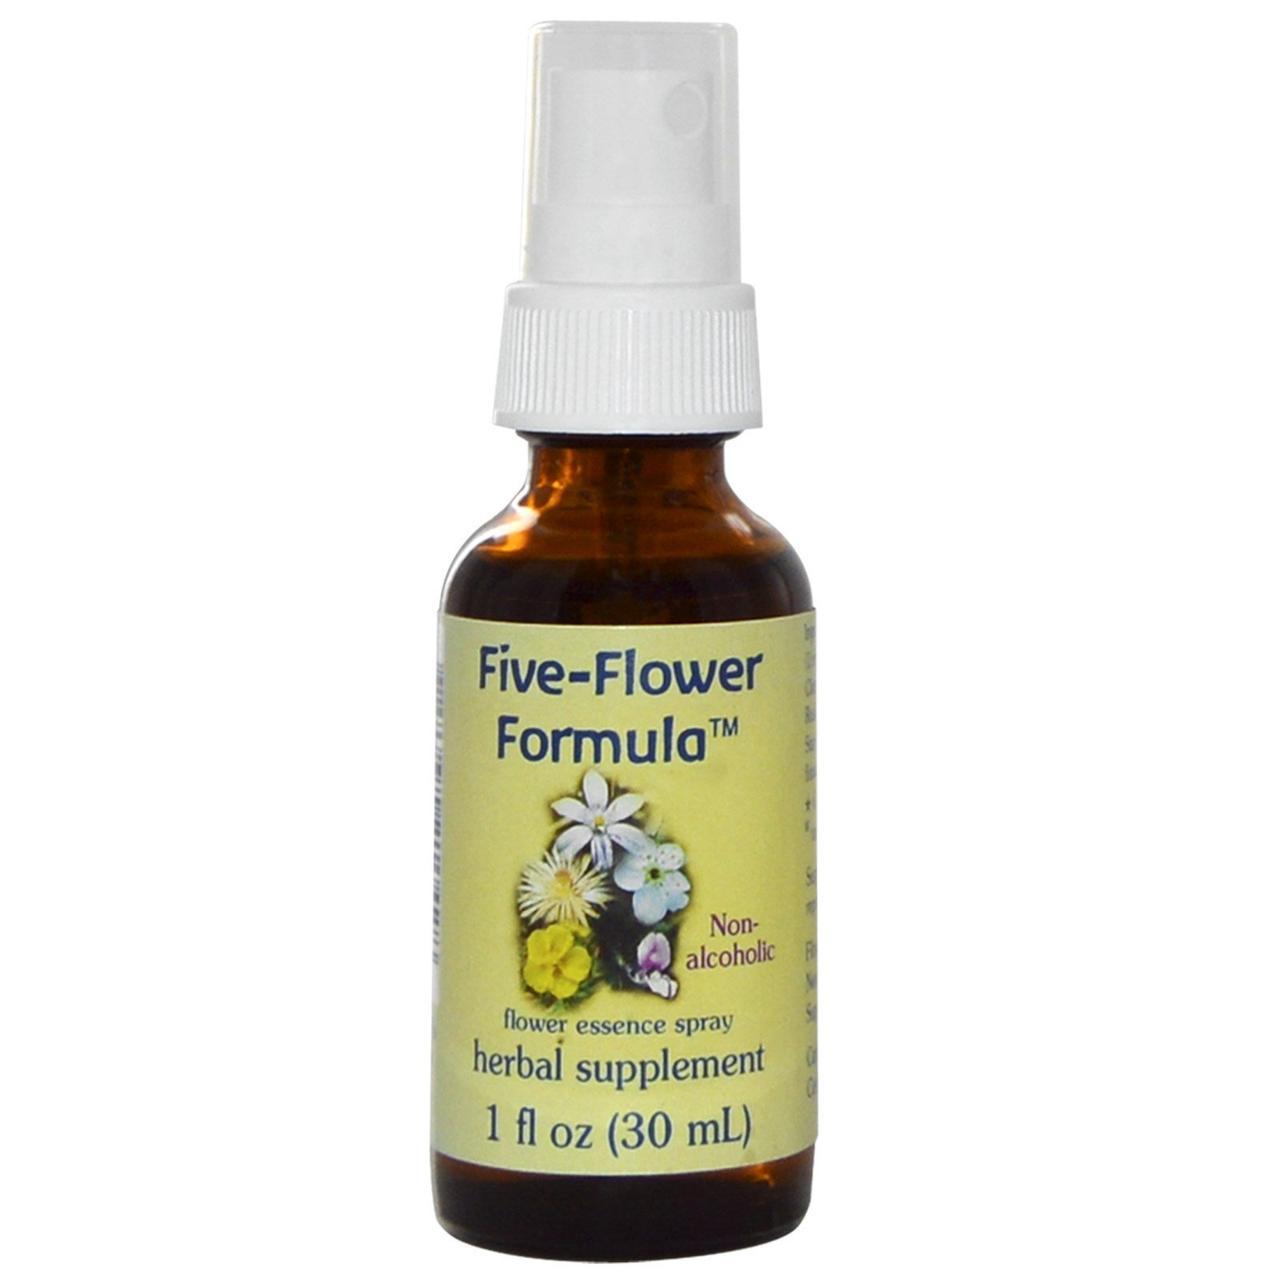 Flower Essence Services, Five-Flower Formula, Спрей с цветочной эссенцией, не содержит спирта, 1 ж. унций (30 мл)